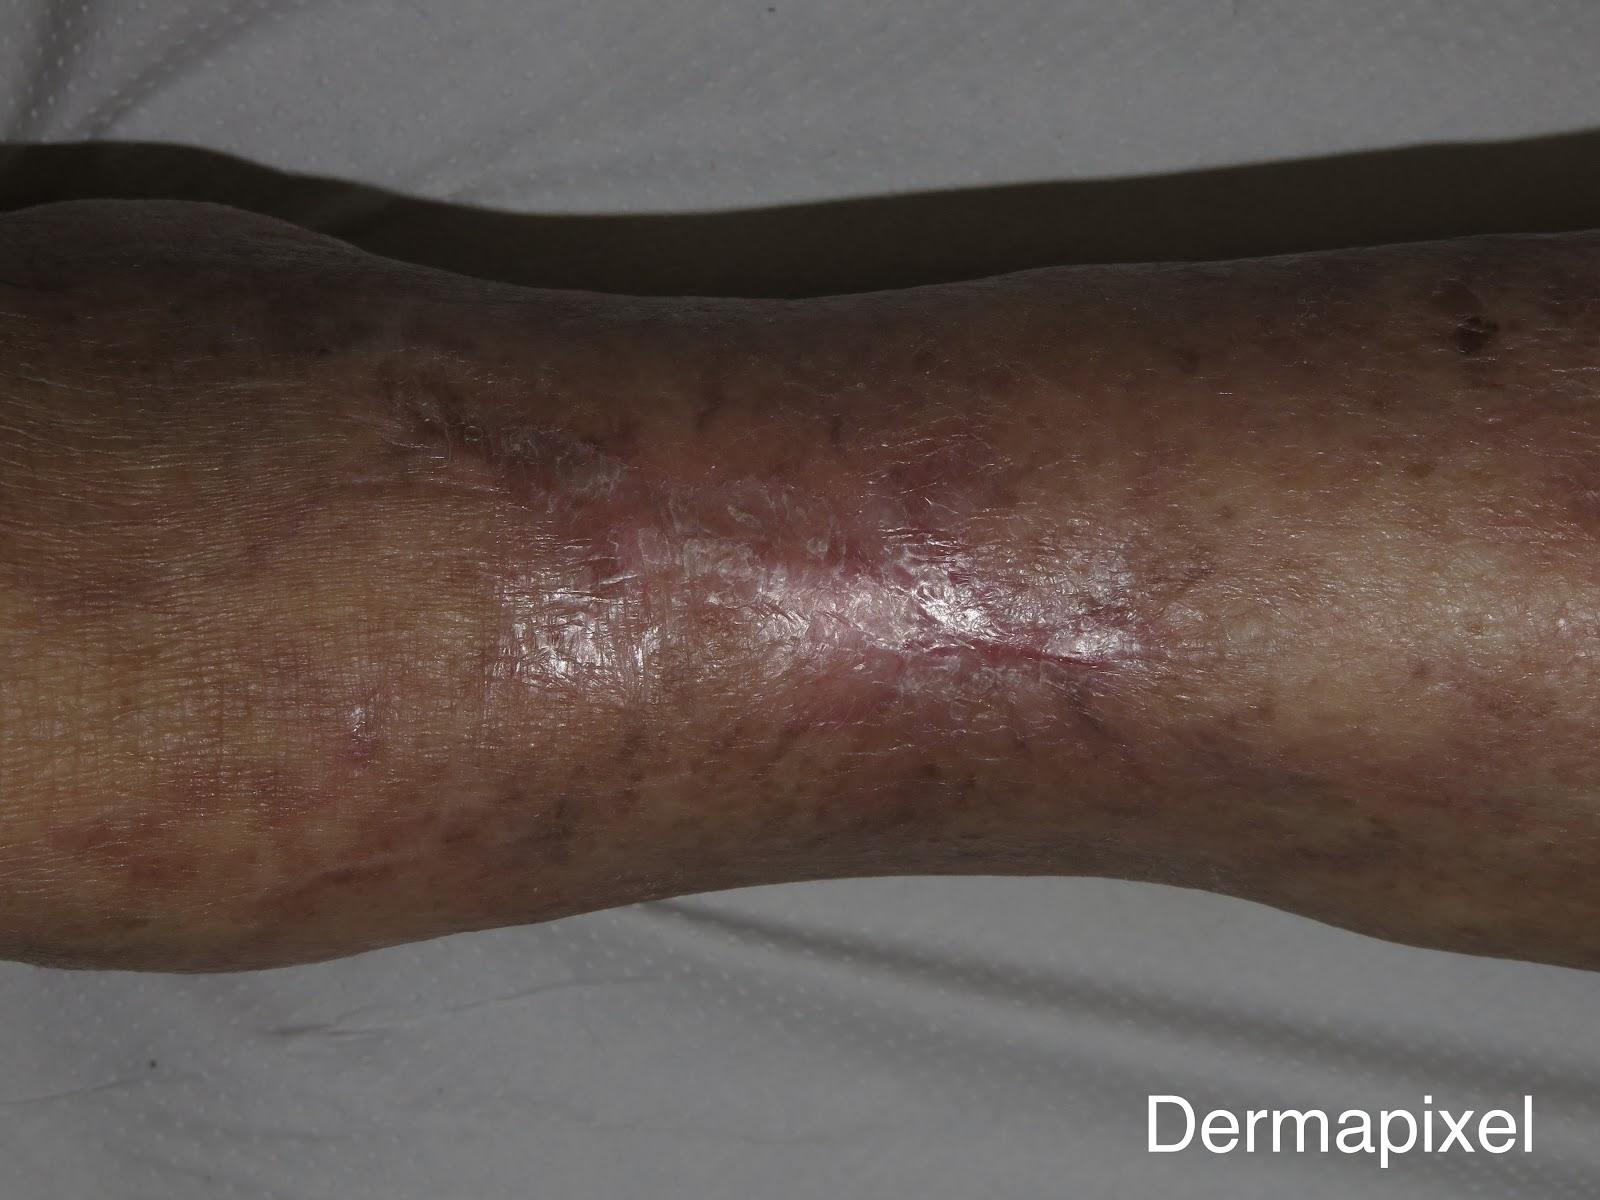 Úlceras y hemodiálisis: alarma de calcifilaxis